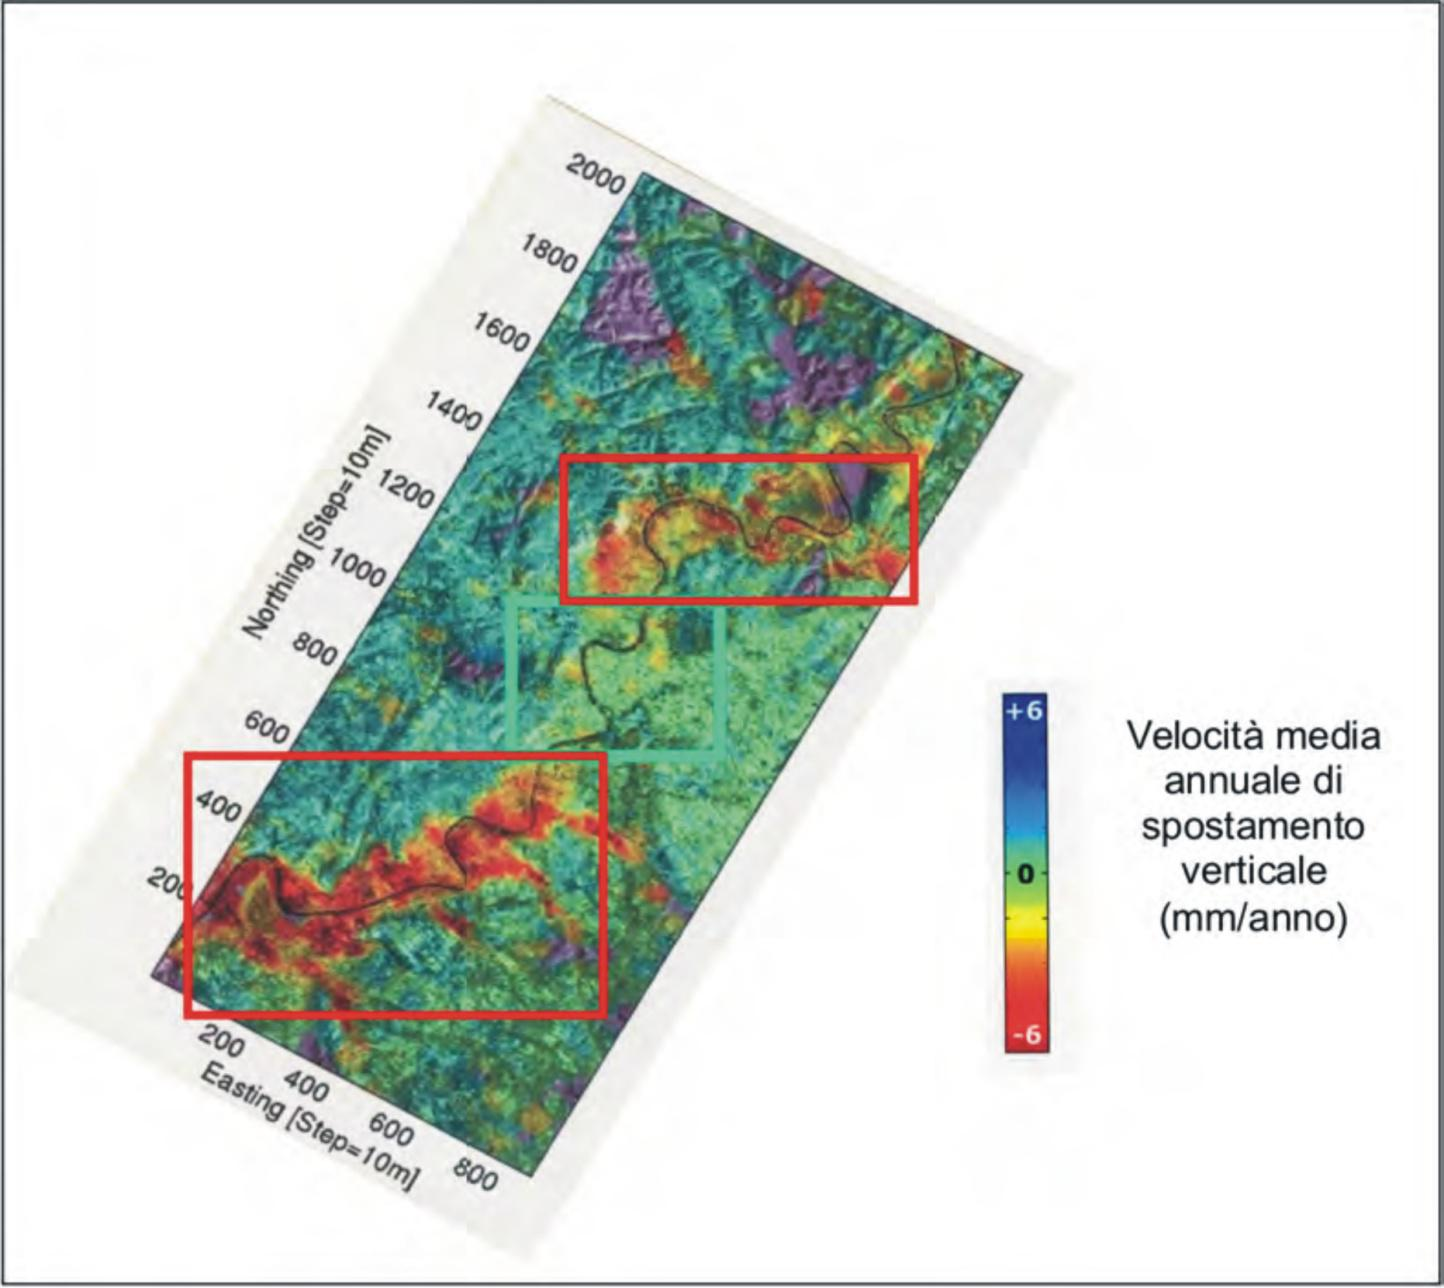 Il meandro nella parte inferiore della immagine è quello in esame. Come si nota, la velocità di subsidenza indicata dai rilevi interferometrici satellitari è pari ad almeno 3-4 mm/anno (Fonte: Campolunghi ed altri, 2008).